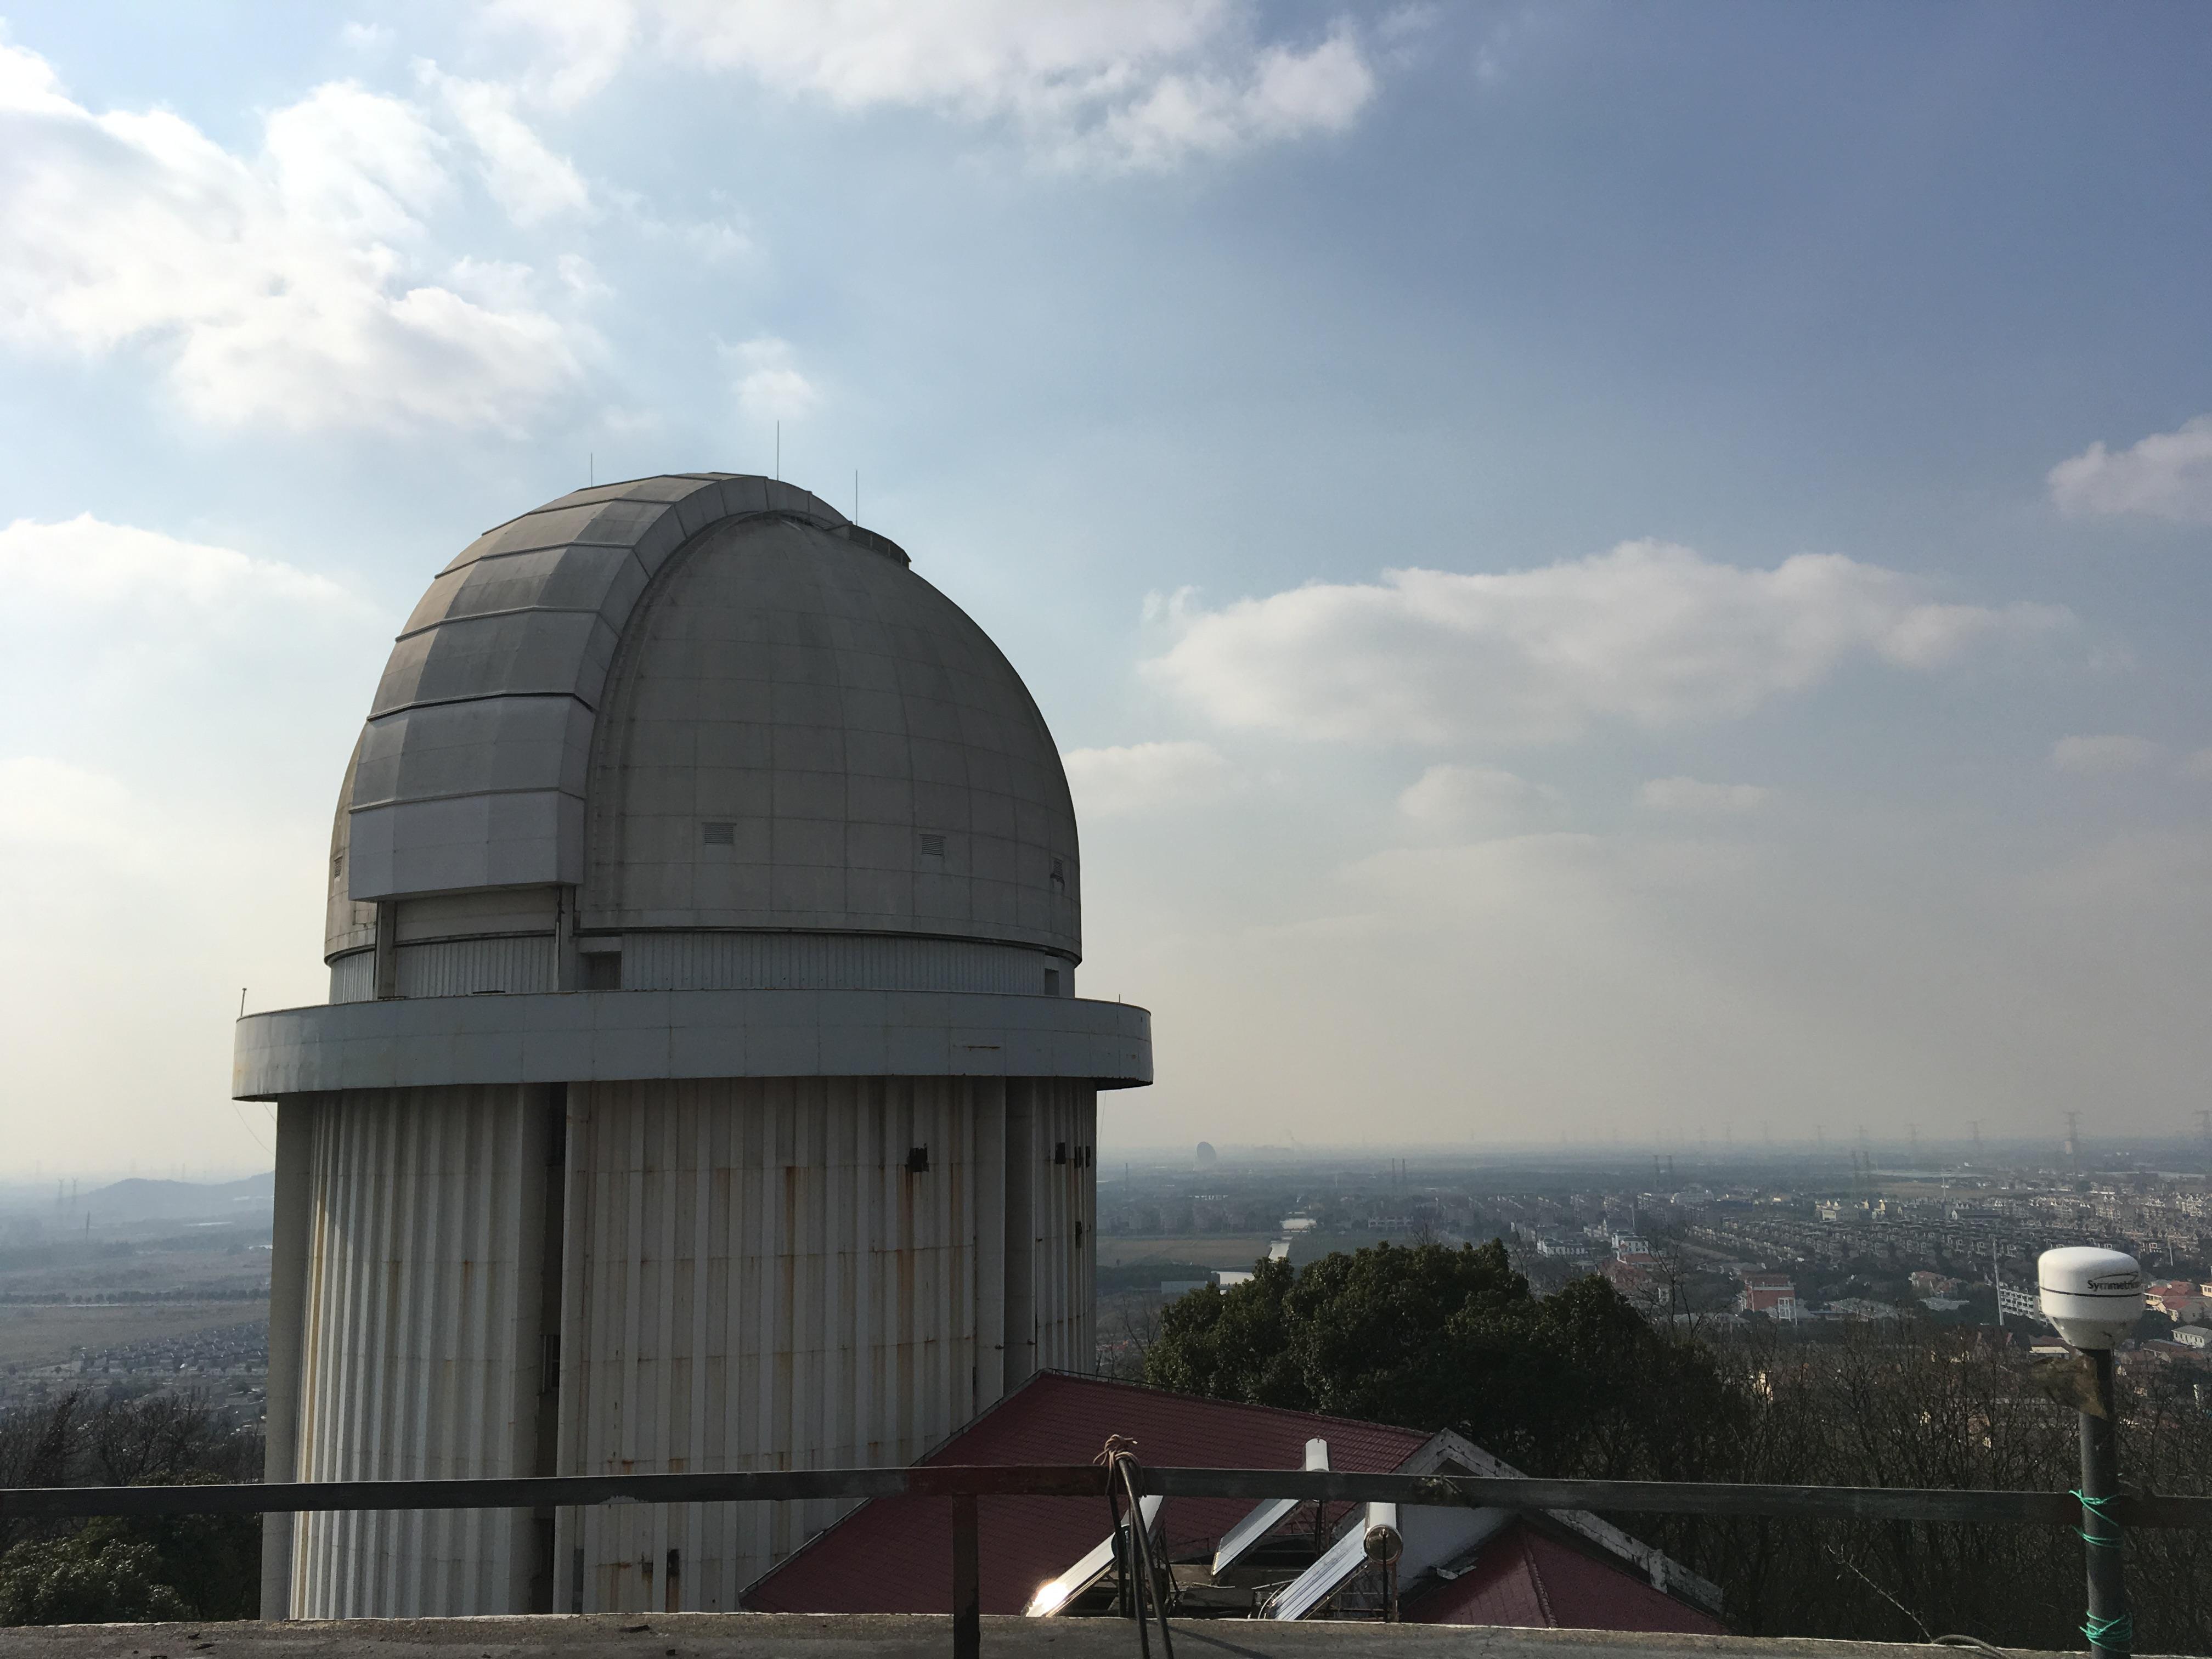 上海空气质量_如何评价上海天文台? - 知乎